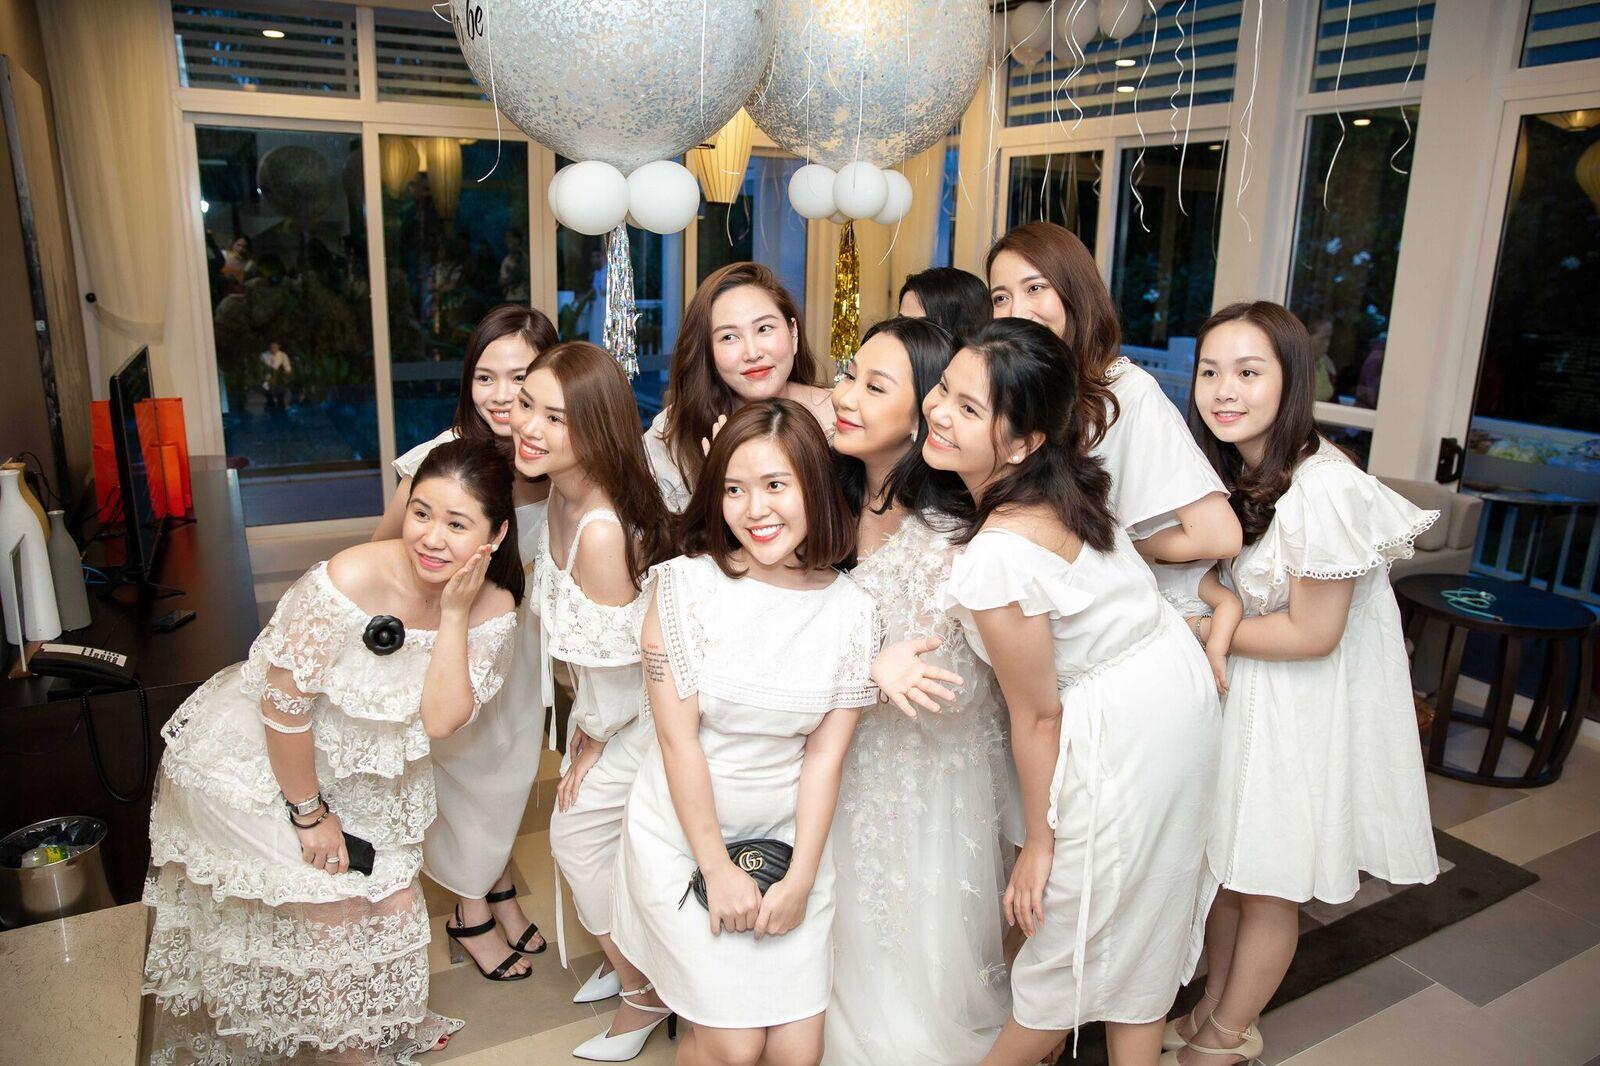 Trước giờ G cử hành hôn lễ, nhà văn Gào chia sẻ những hình ảnh về tiệc chia tay thời độc thân cùng dàn phù dâu xinh đẹp - Ảnh 15.